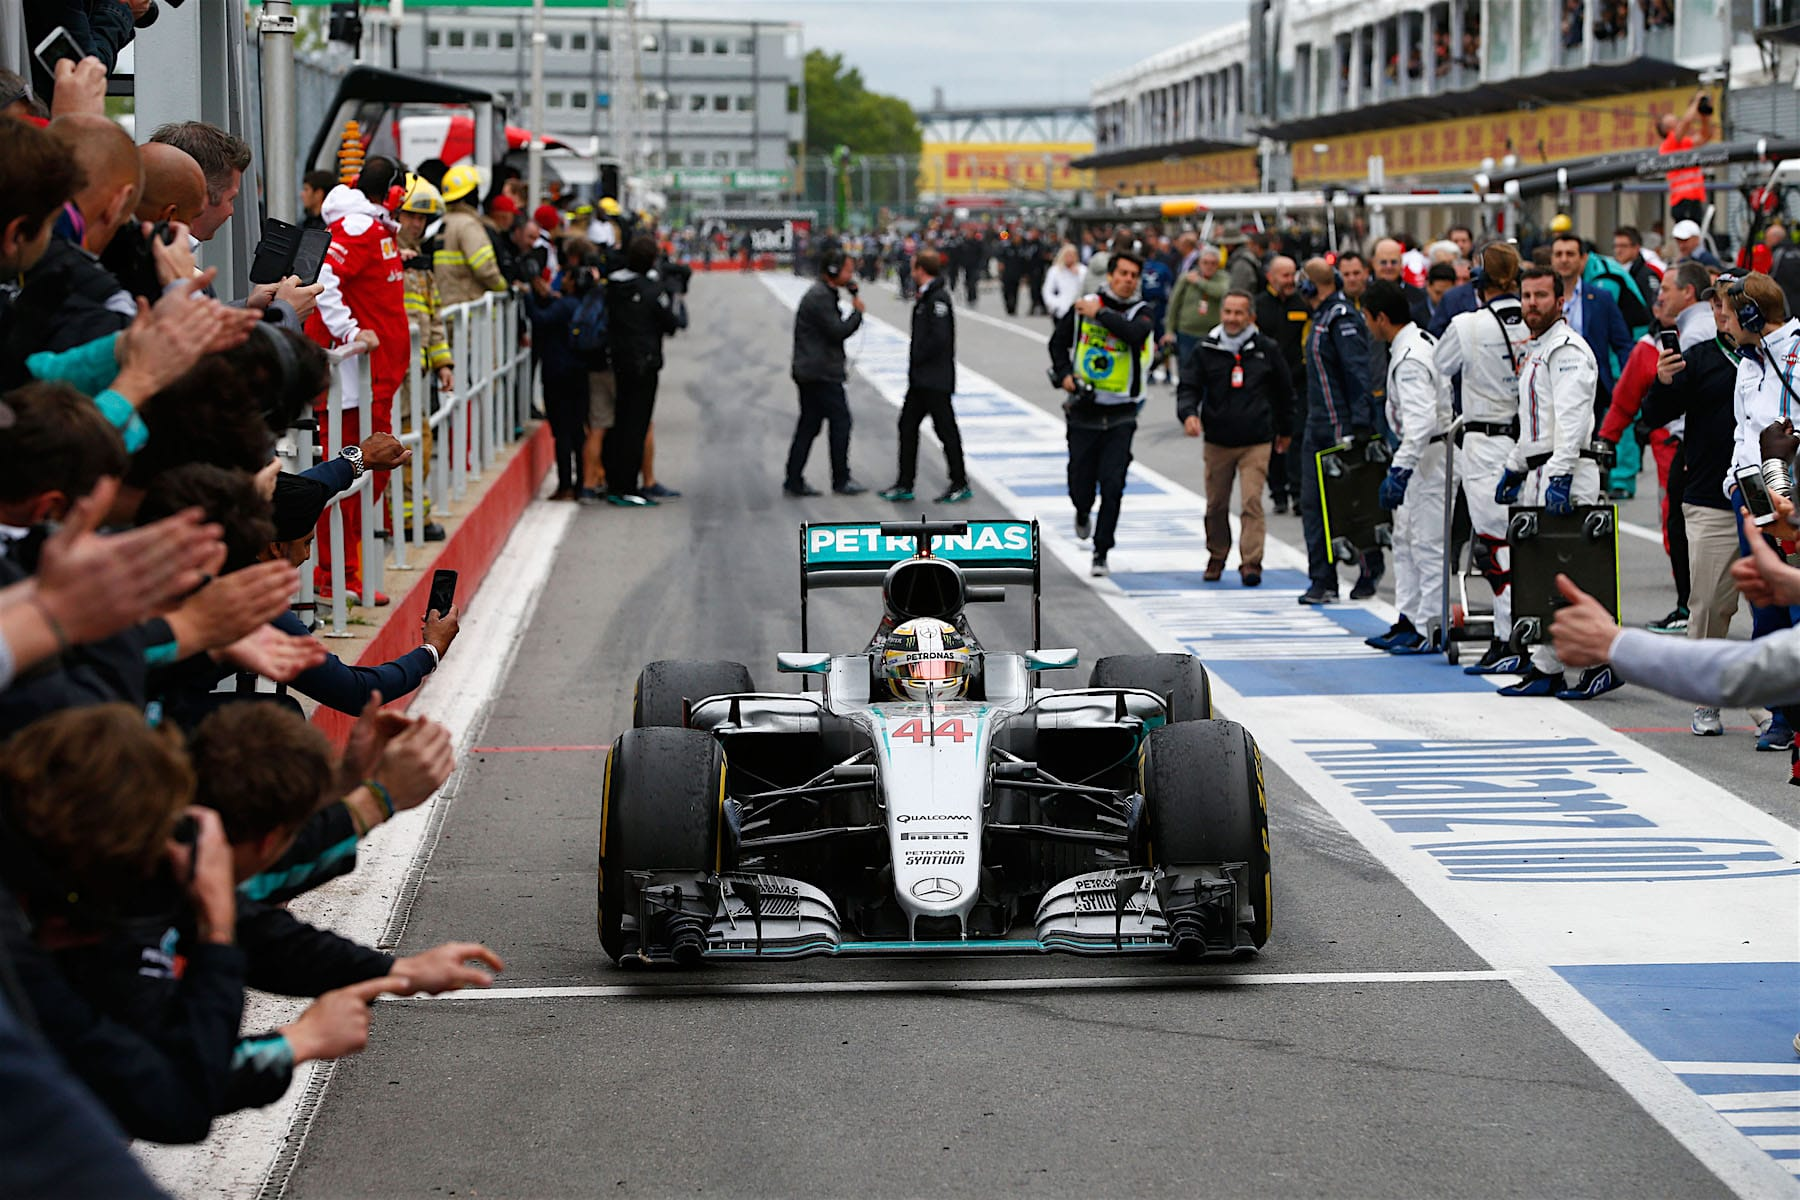 Salracing - Lewis Hamilton arriving at pit-lane